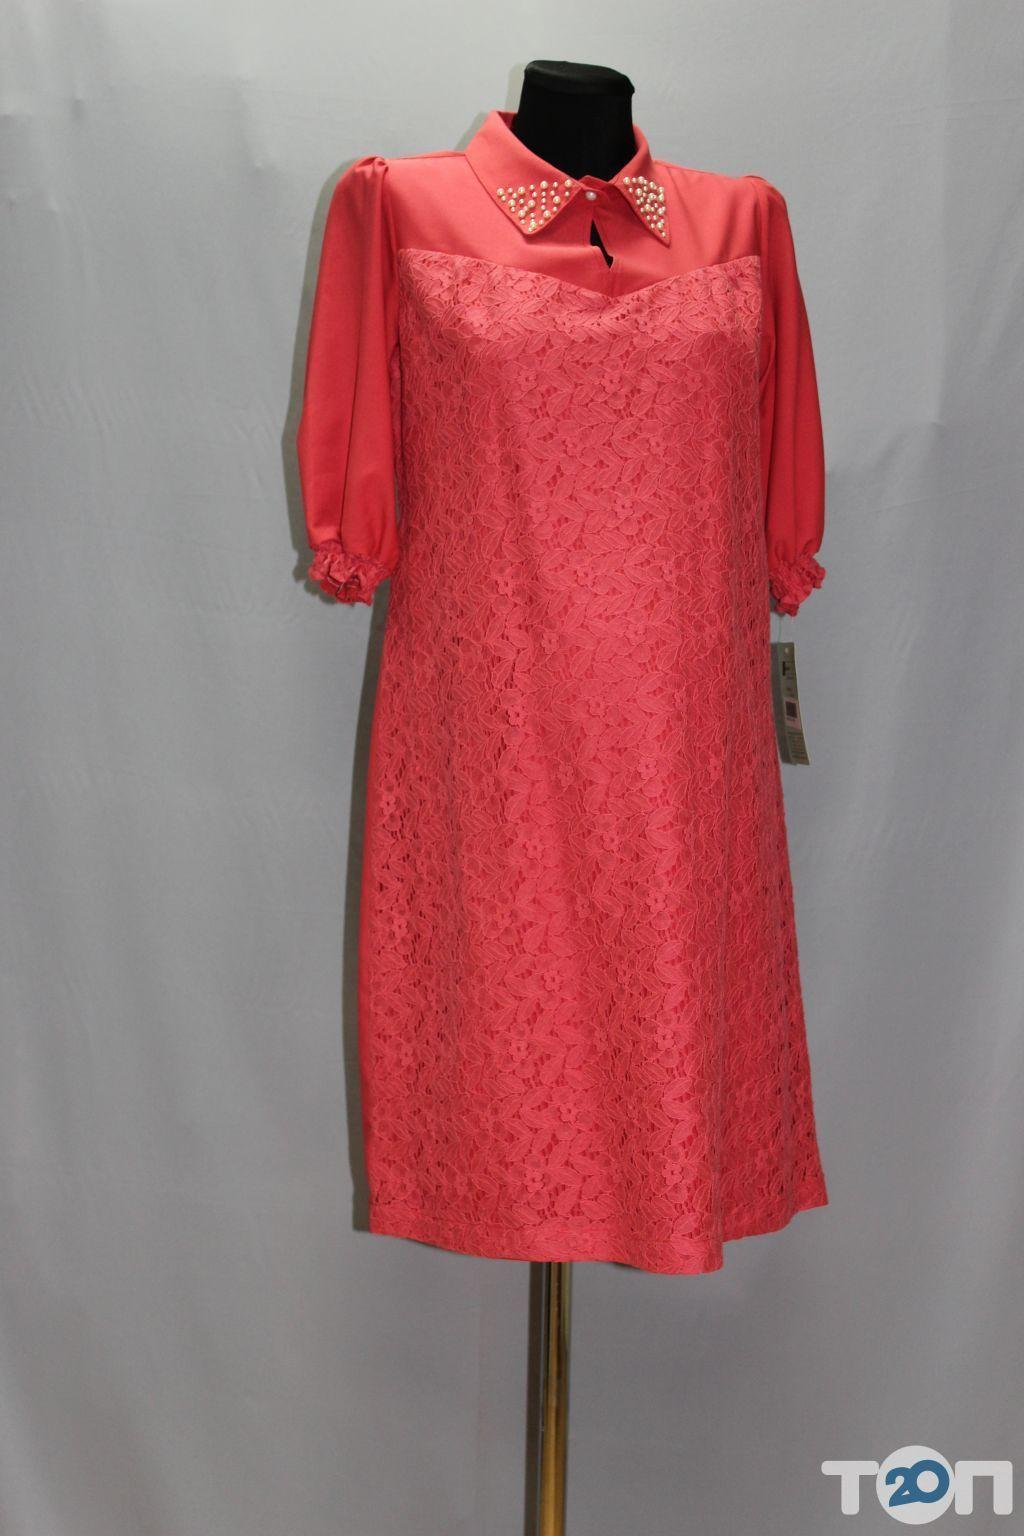 Дануся, одяг для вагітних - фото 49